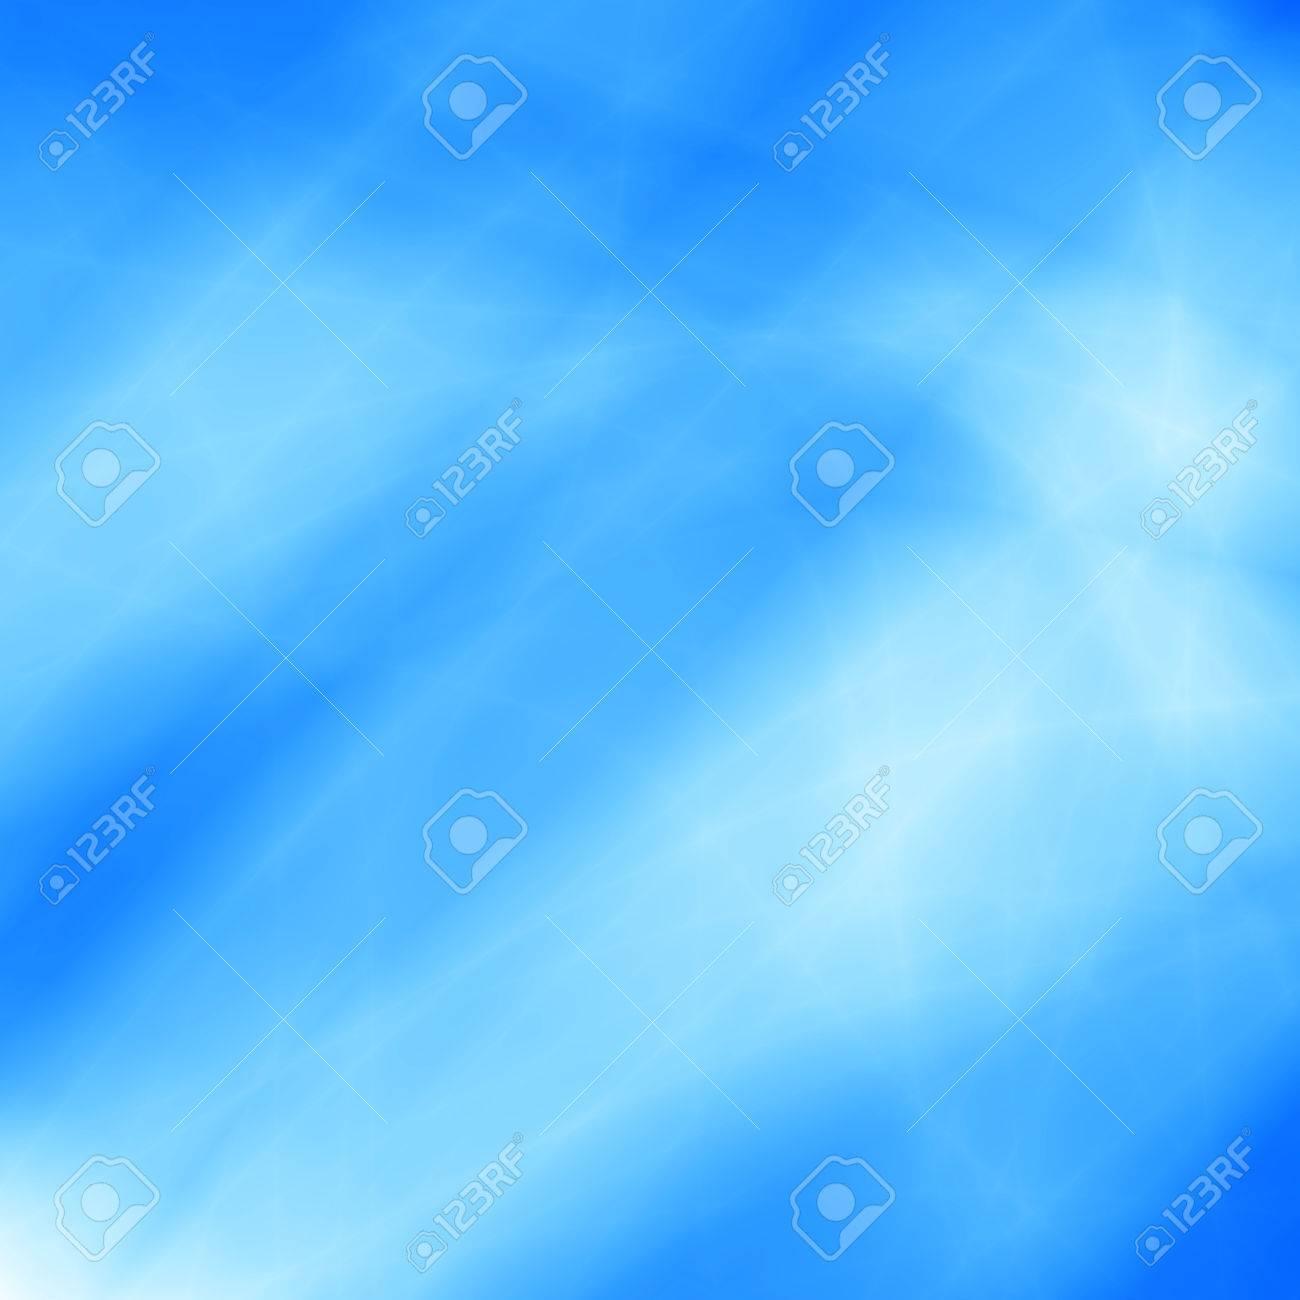 Ciel Clair Fond D Ecran Bleu Resume Joli Fond Banque D Images Et Photos Libres De Droits Image 41255054